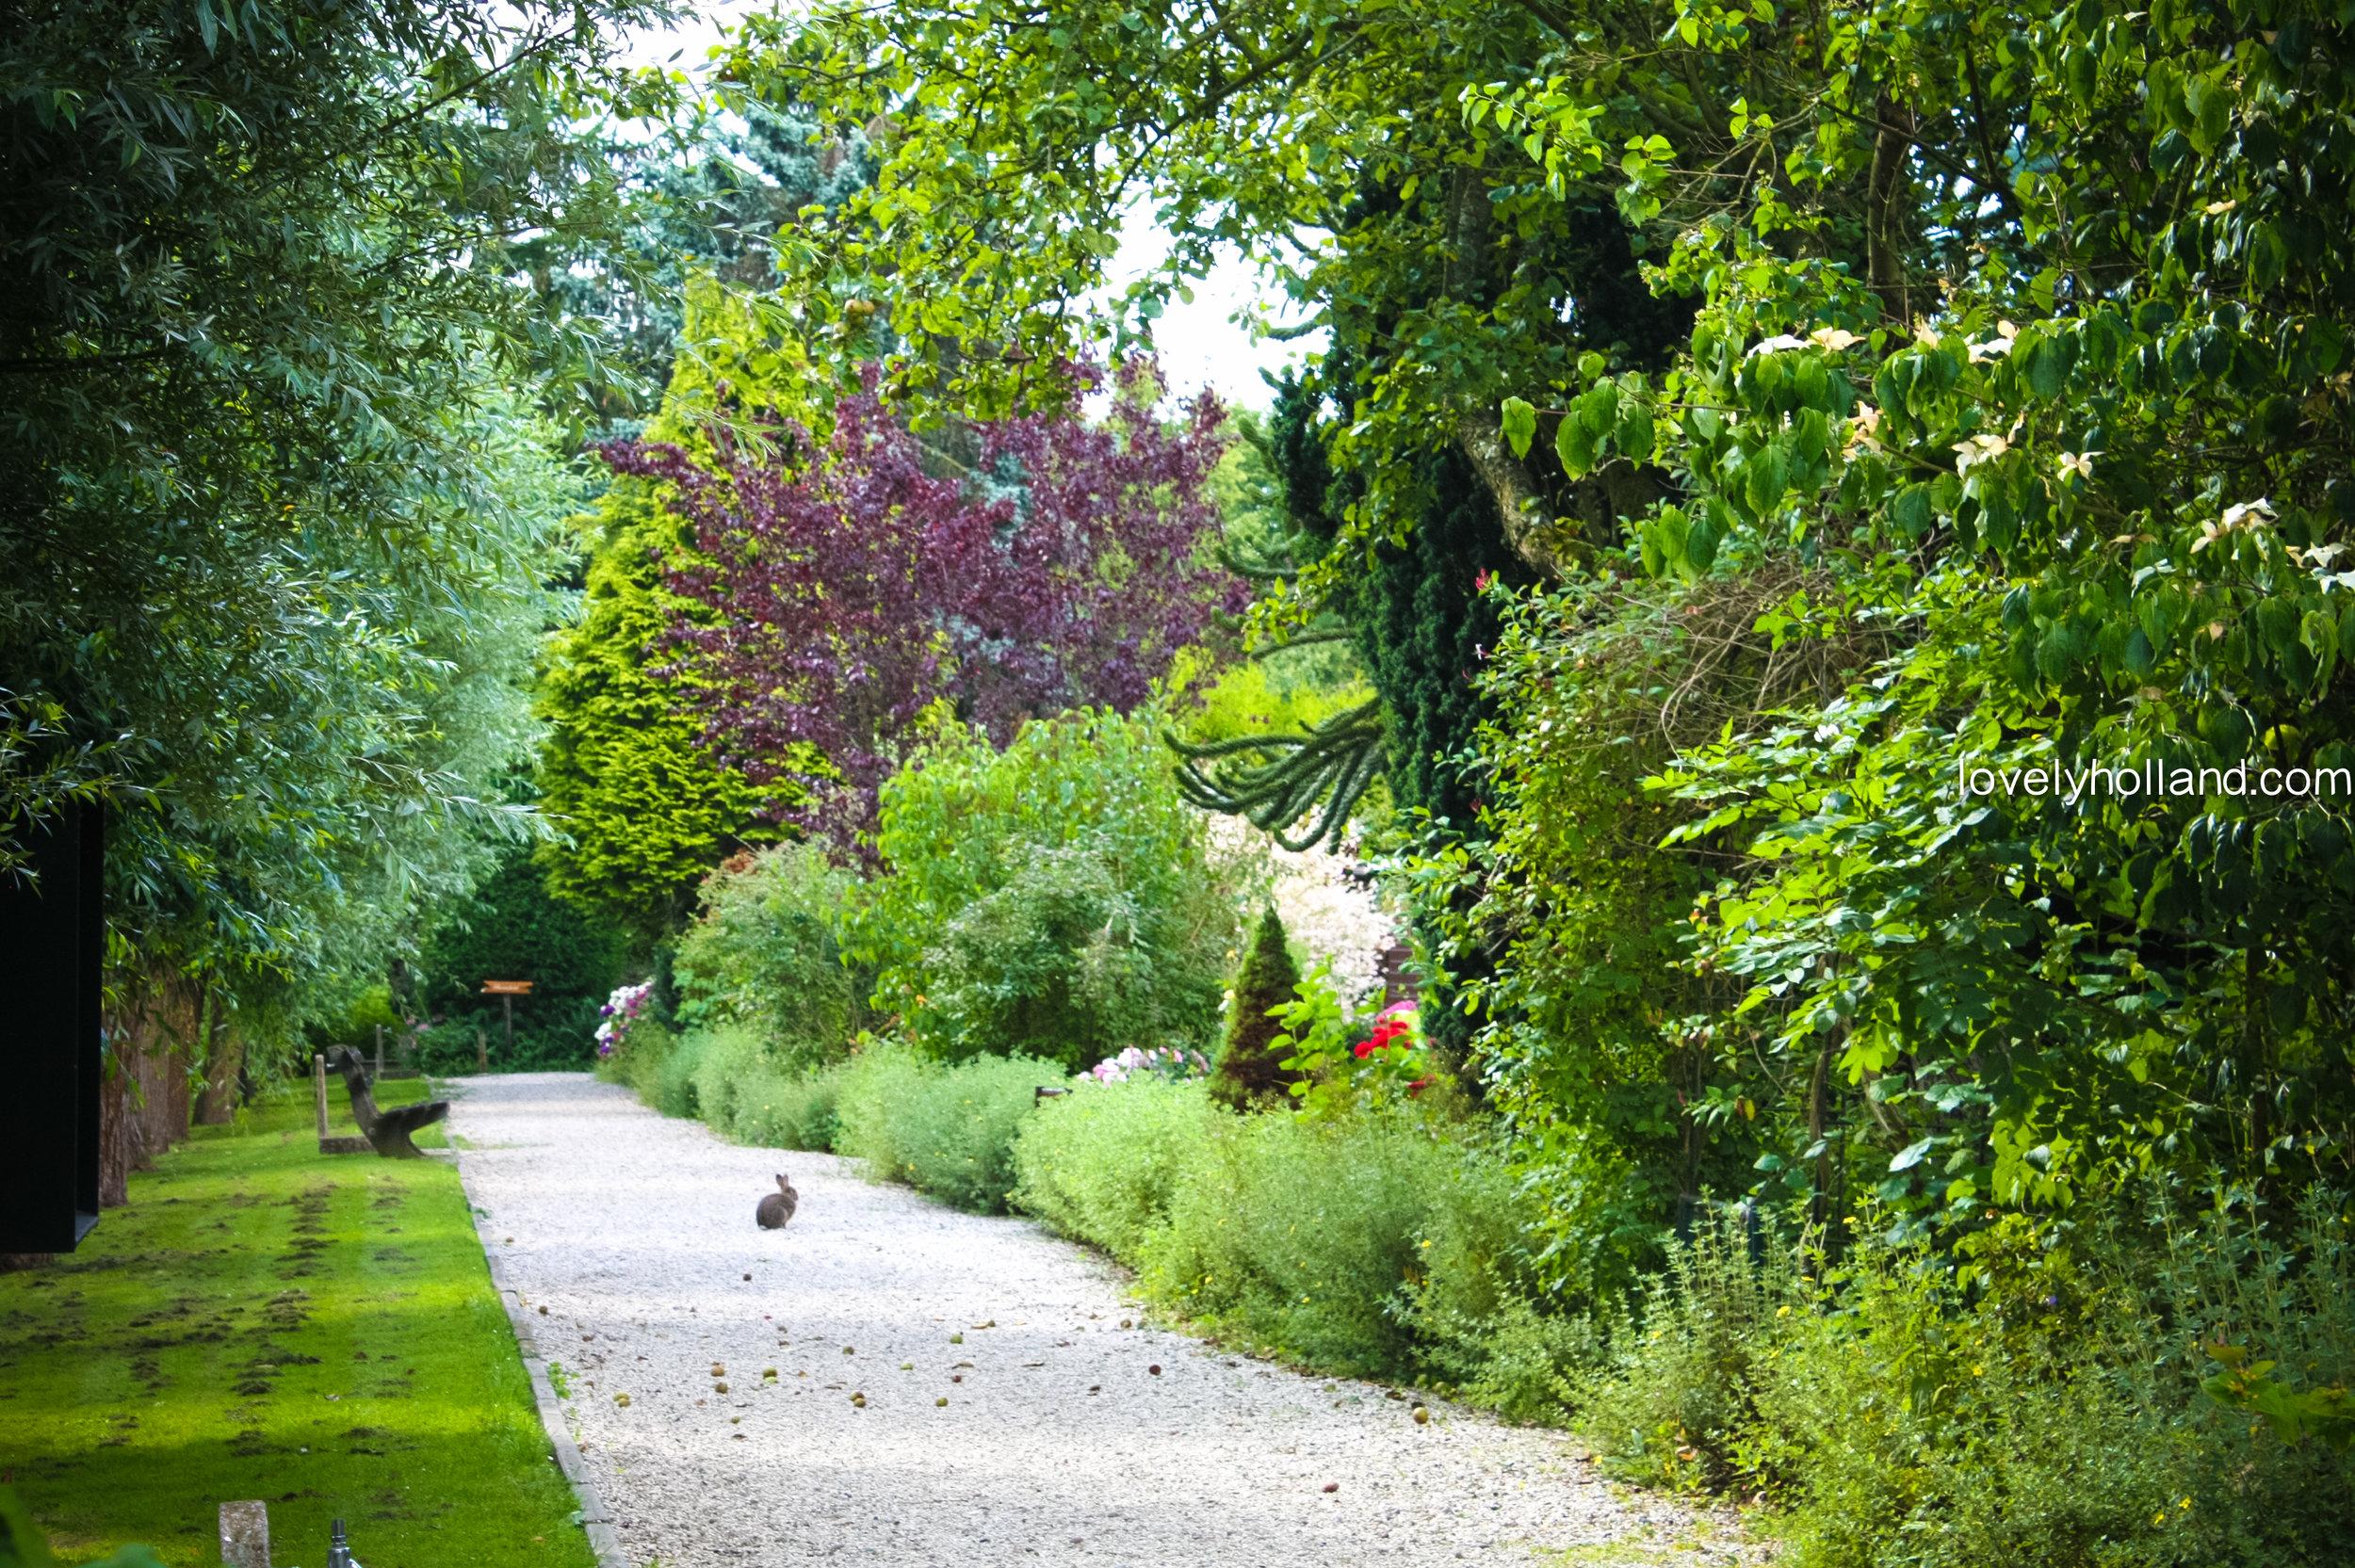 通往農圃的庭院深深小徑,剛好遇見野兔跳出來